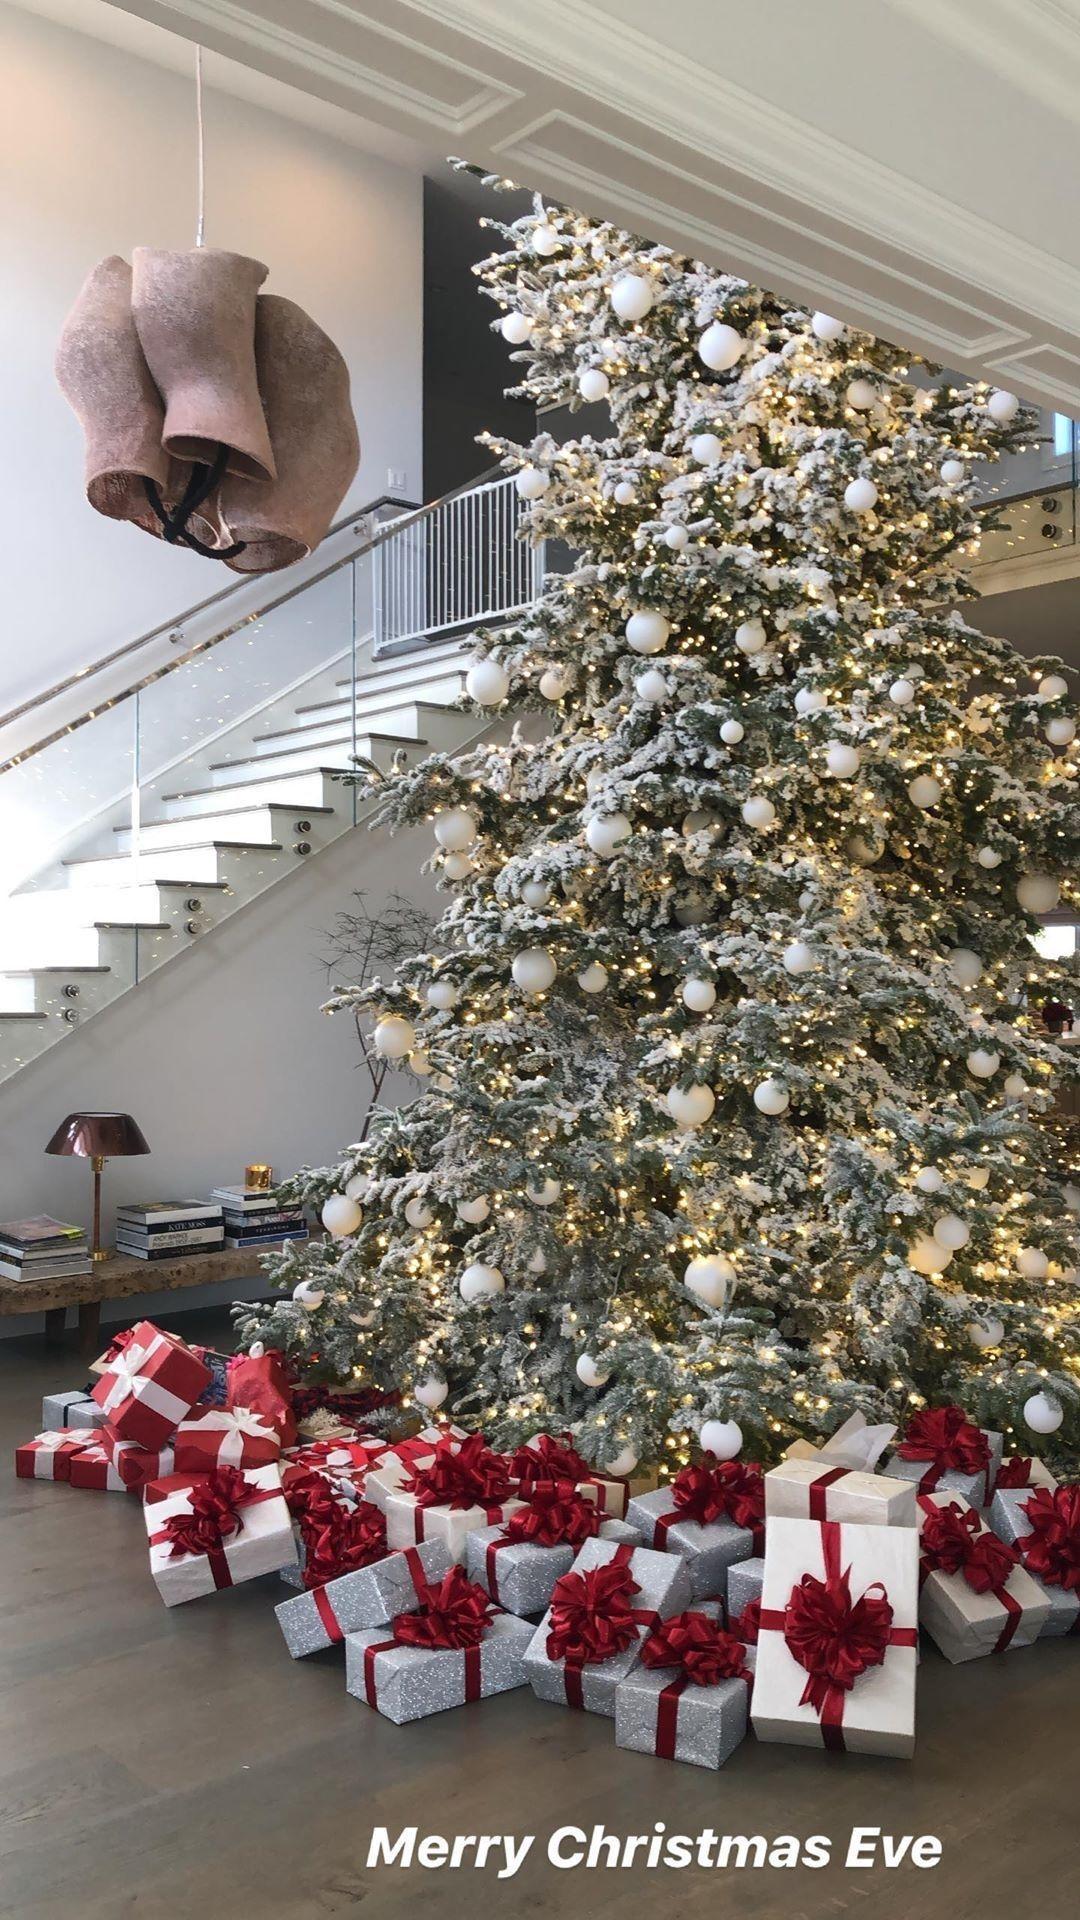 La casa di Kylie Jenner per Natale - Neomag.